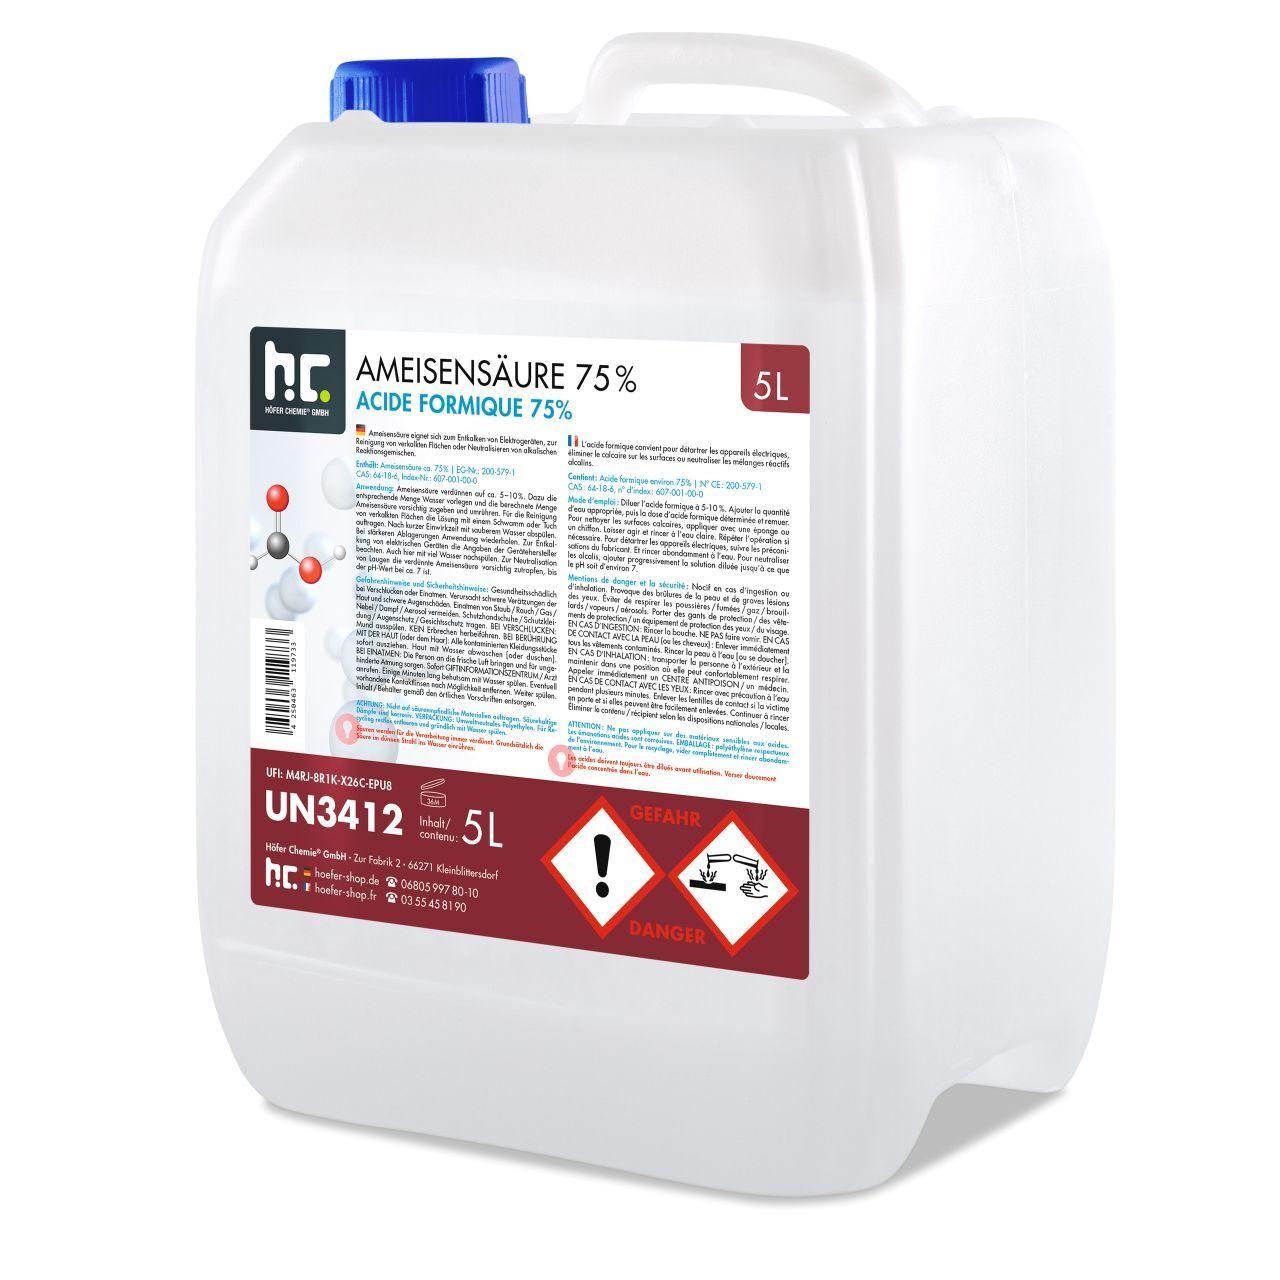 Höfer Chemie 5 l Acide formique 75% qualite technique (1 x 5 l)